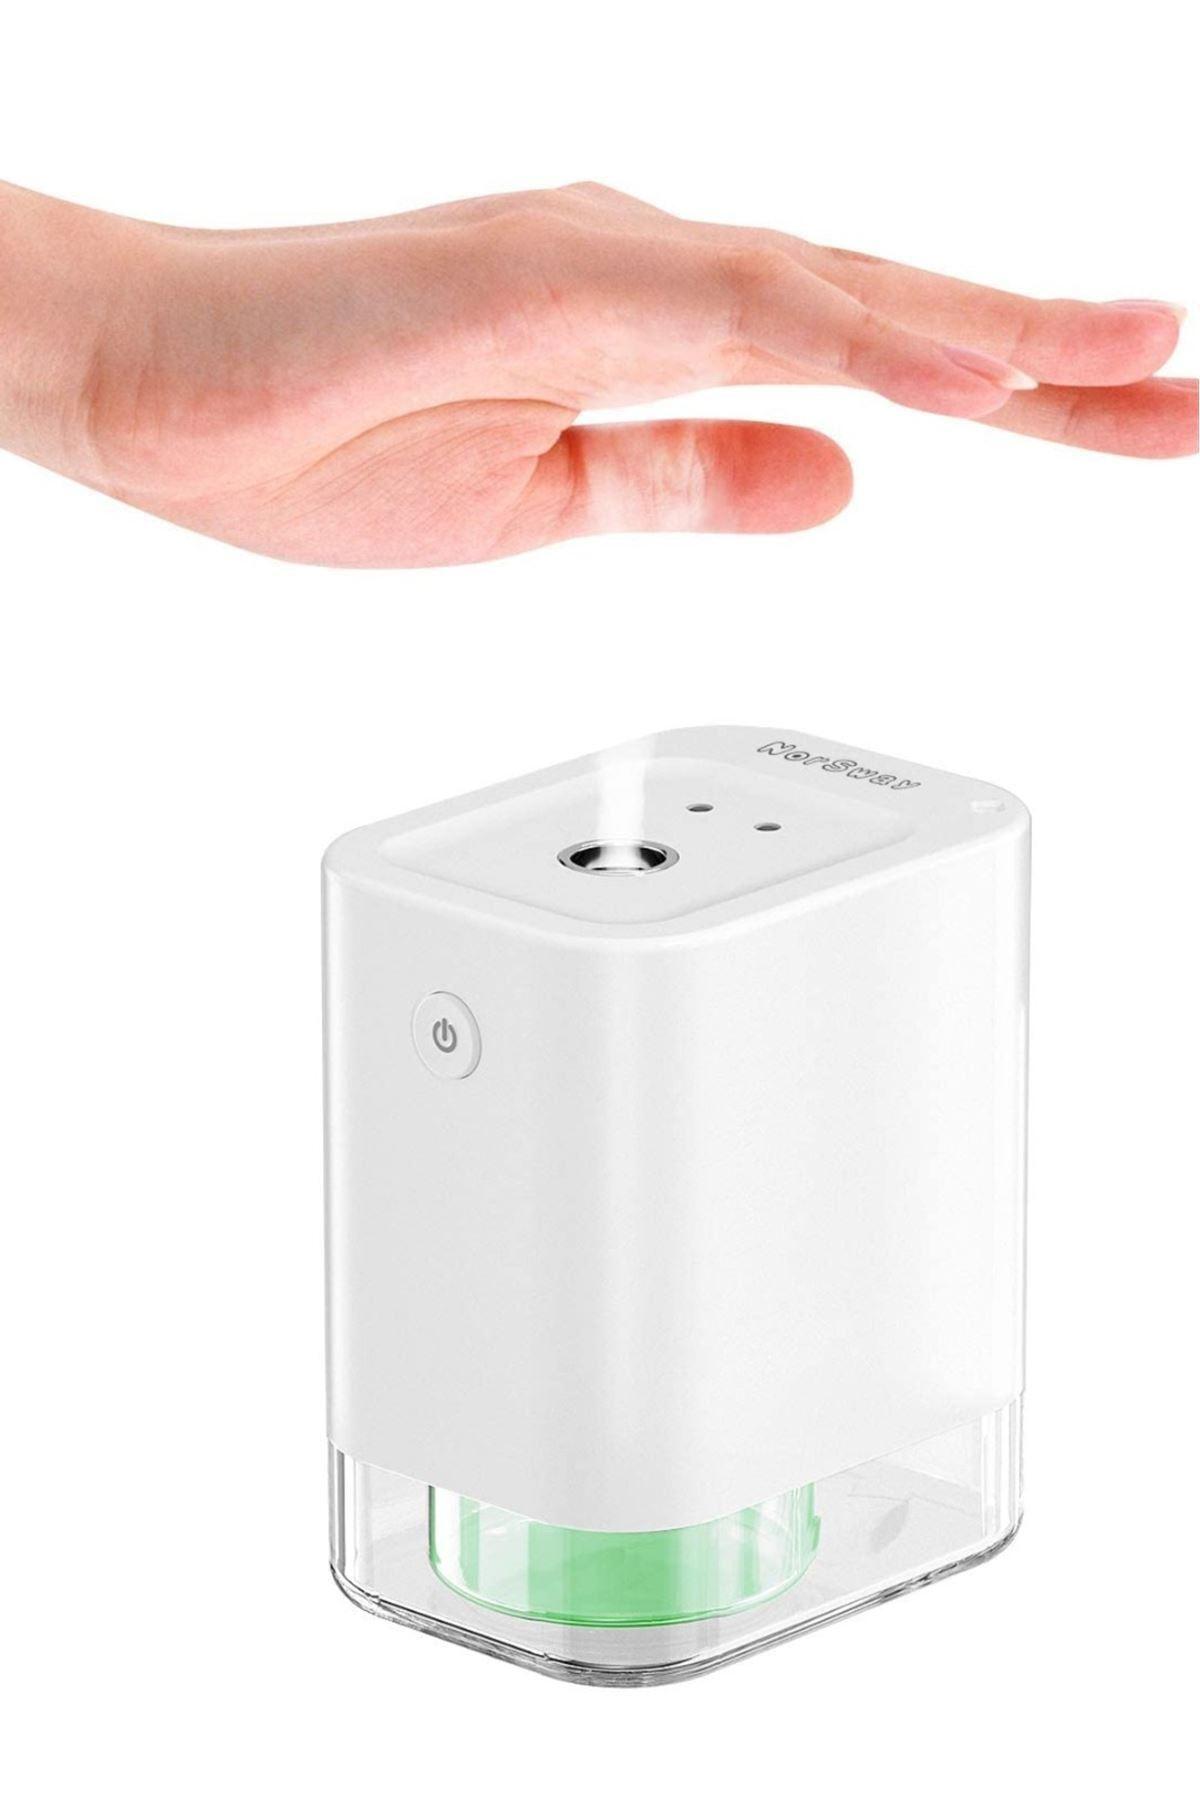 Kitchen Trend Sensörlü Otomatik Dezenfektan Sprey Cihazı, Mini Dezenfektan Püskürtücü